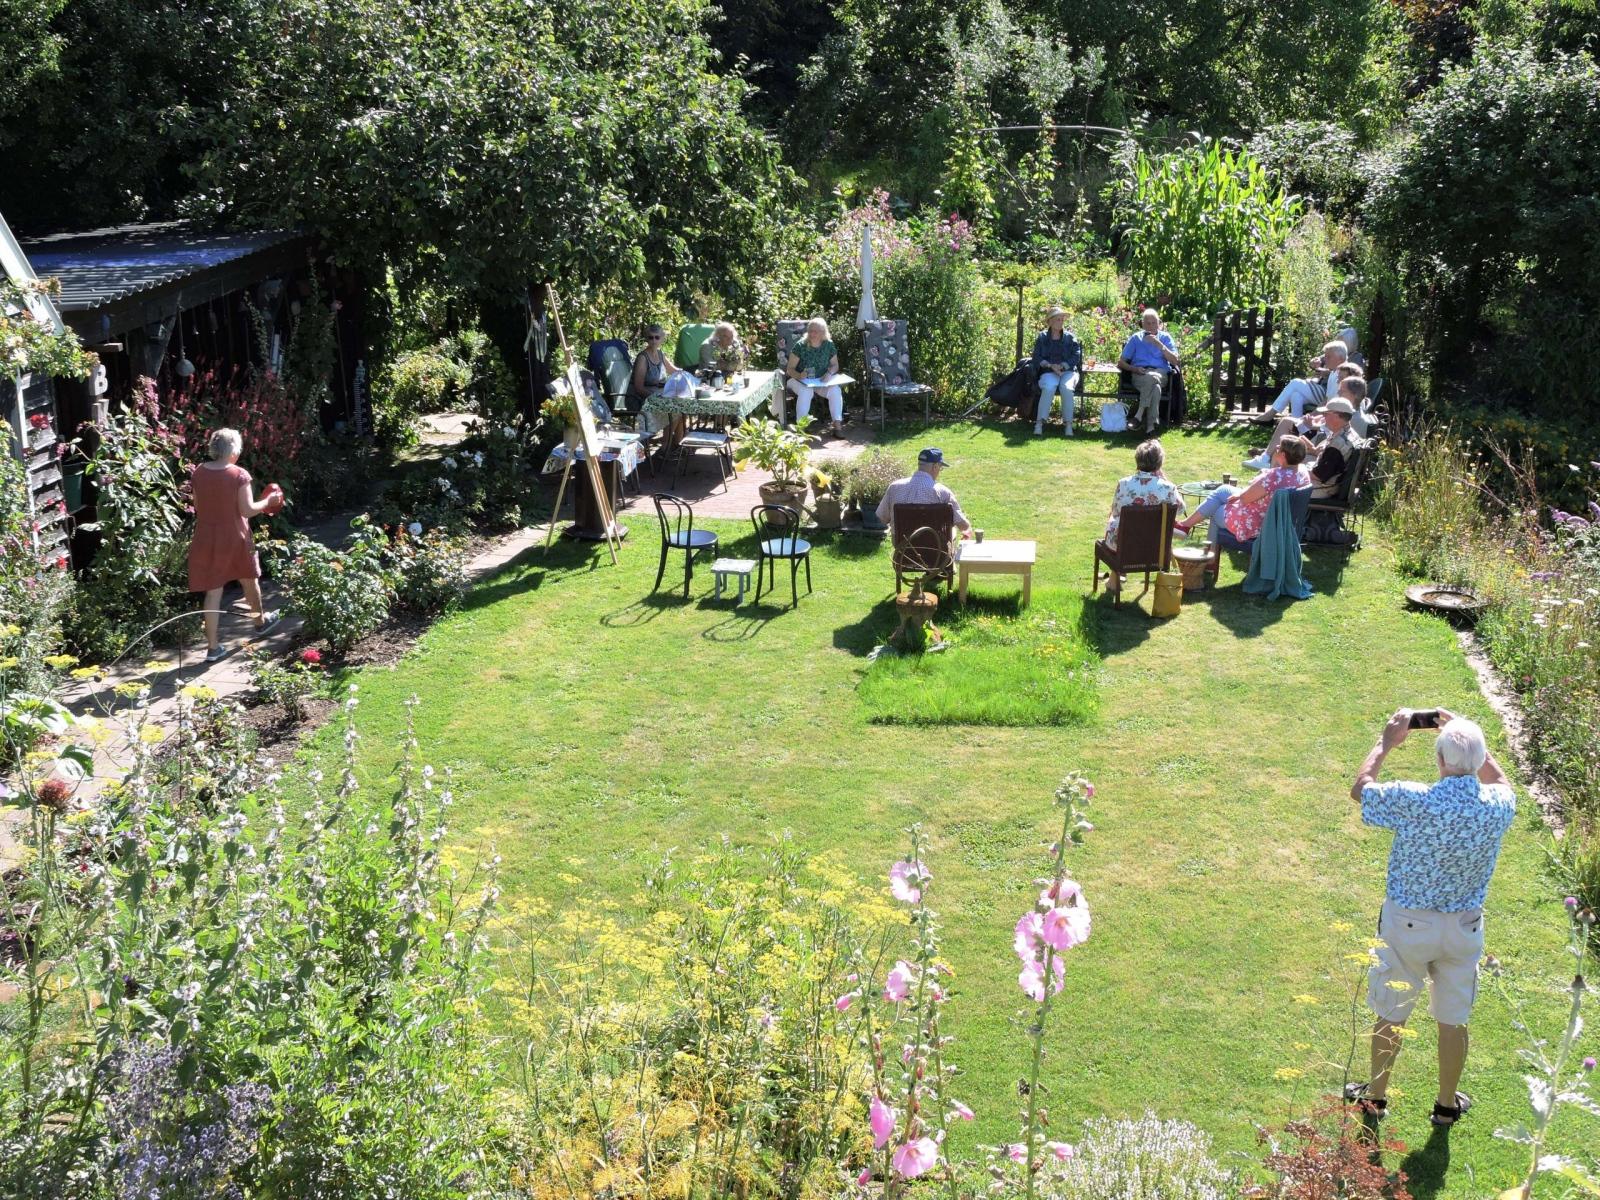 buiten vergaderen in een tuin